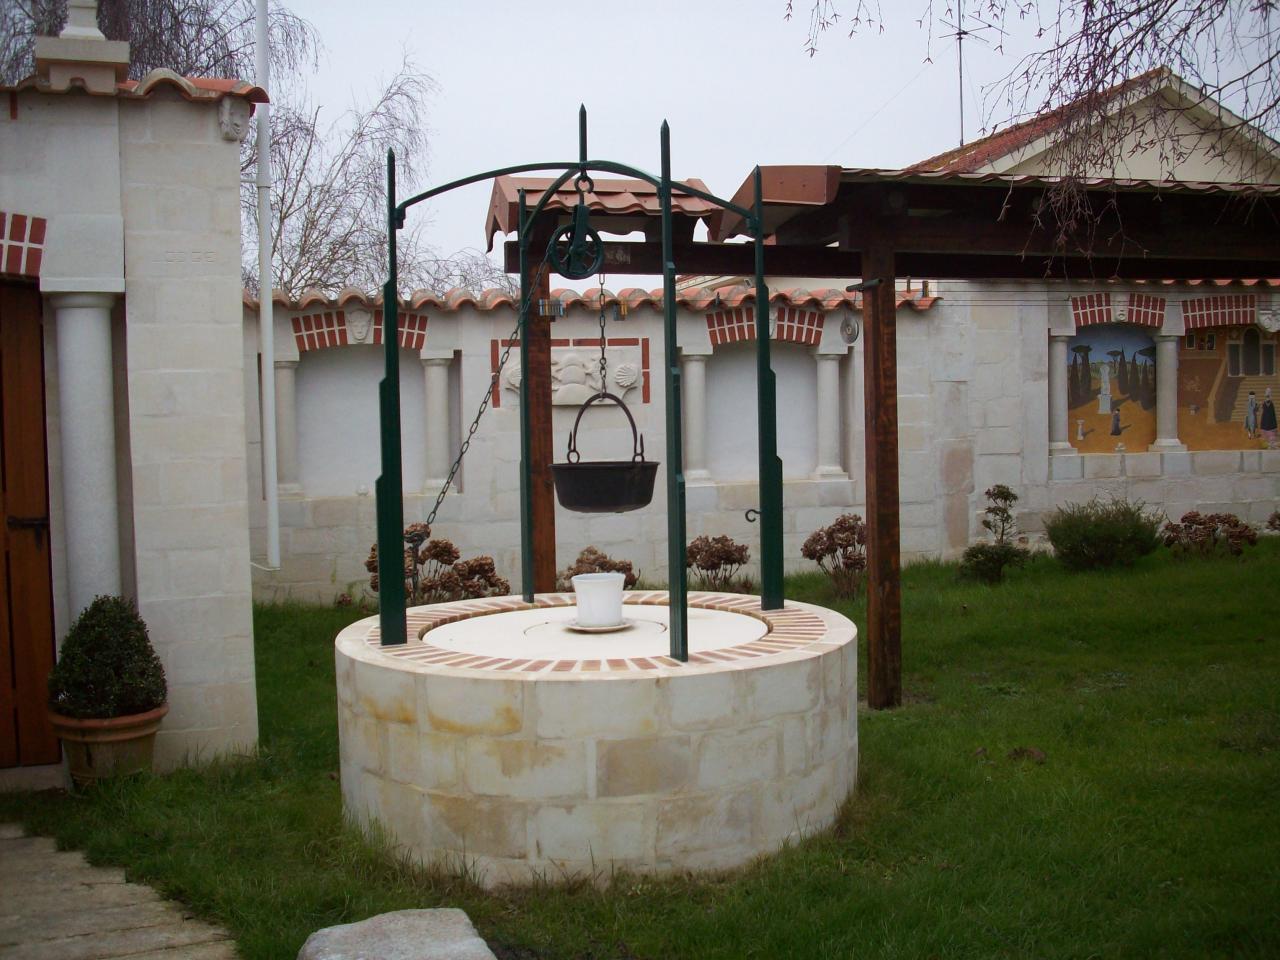 Le puits terminé.